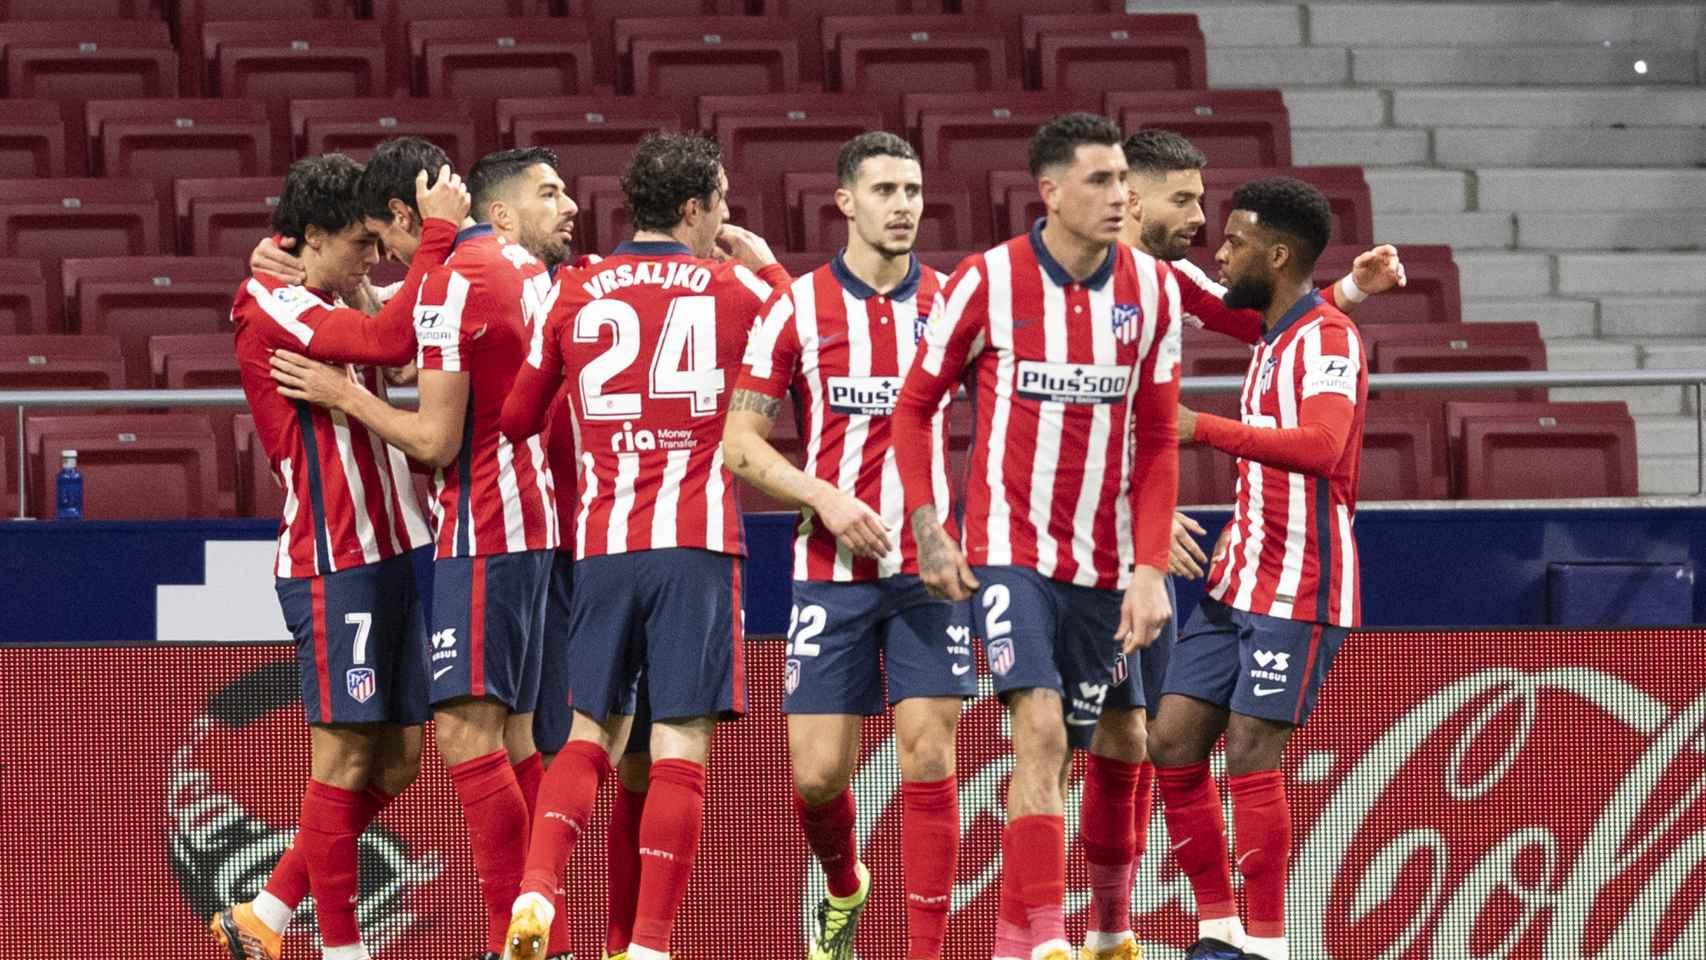 El Atlético celebrando un gol